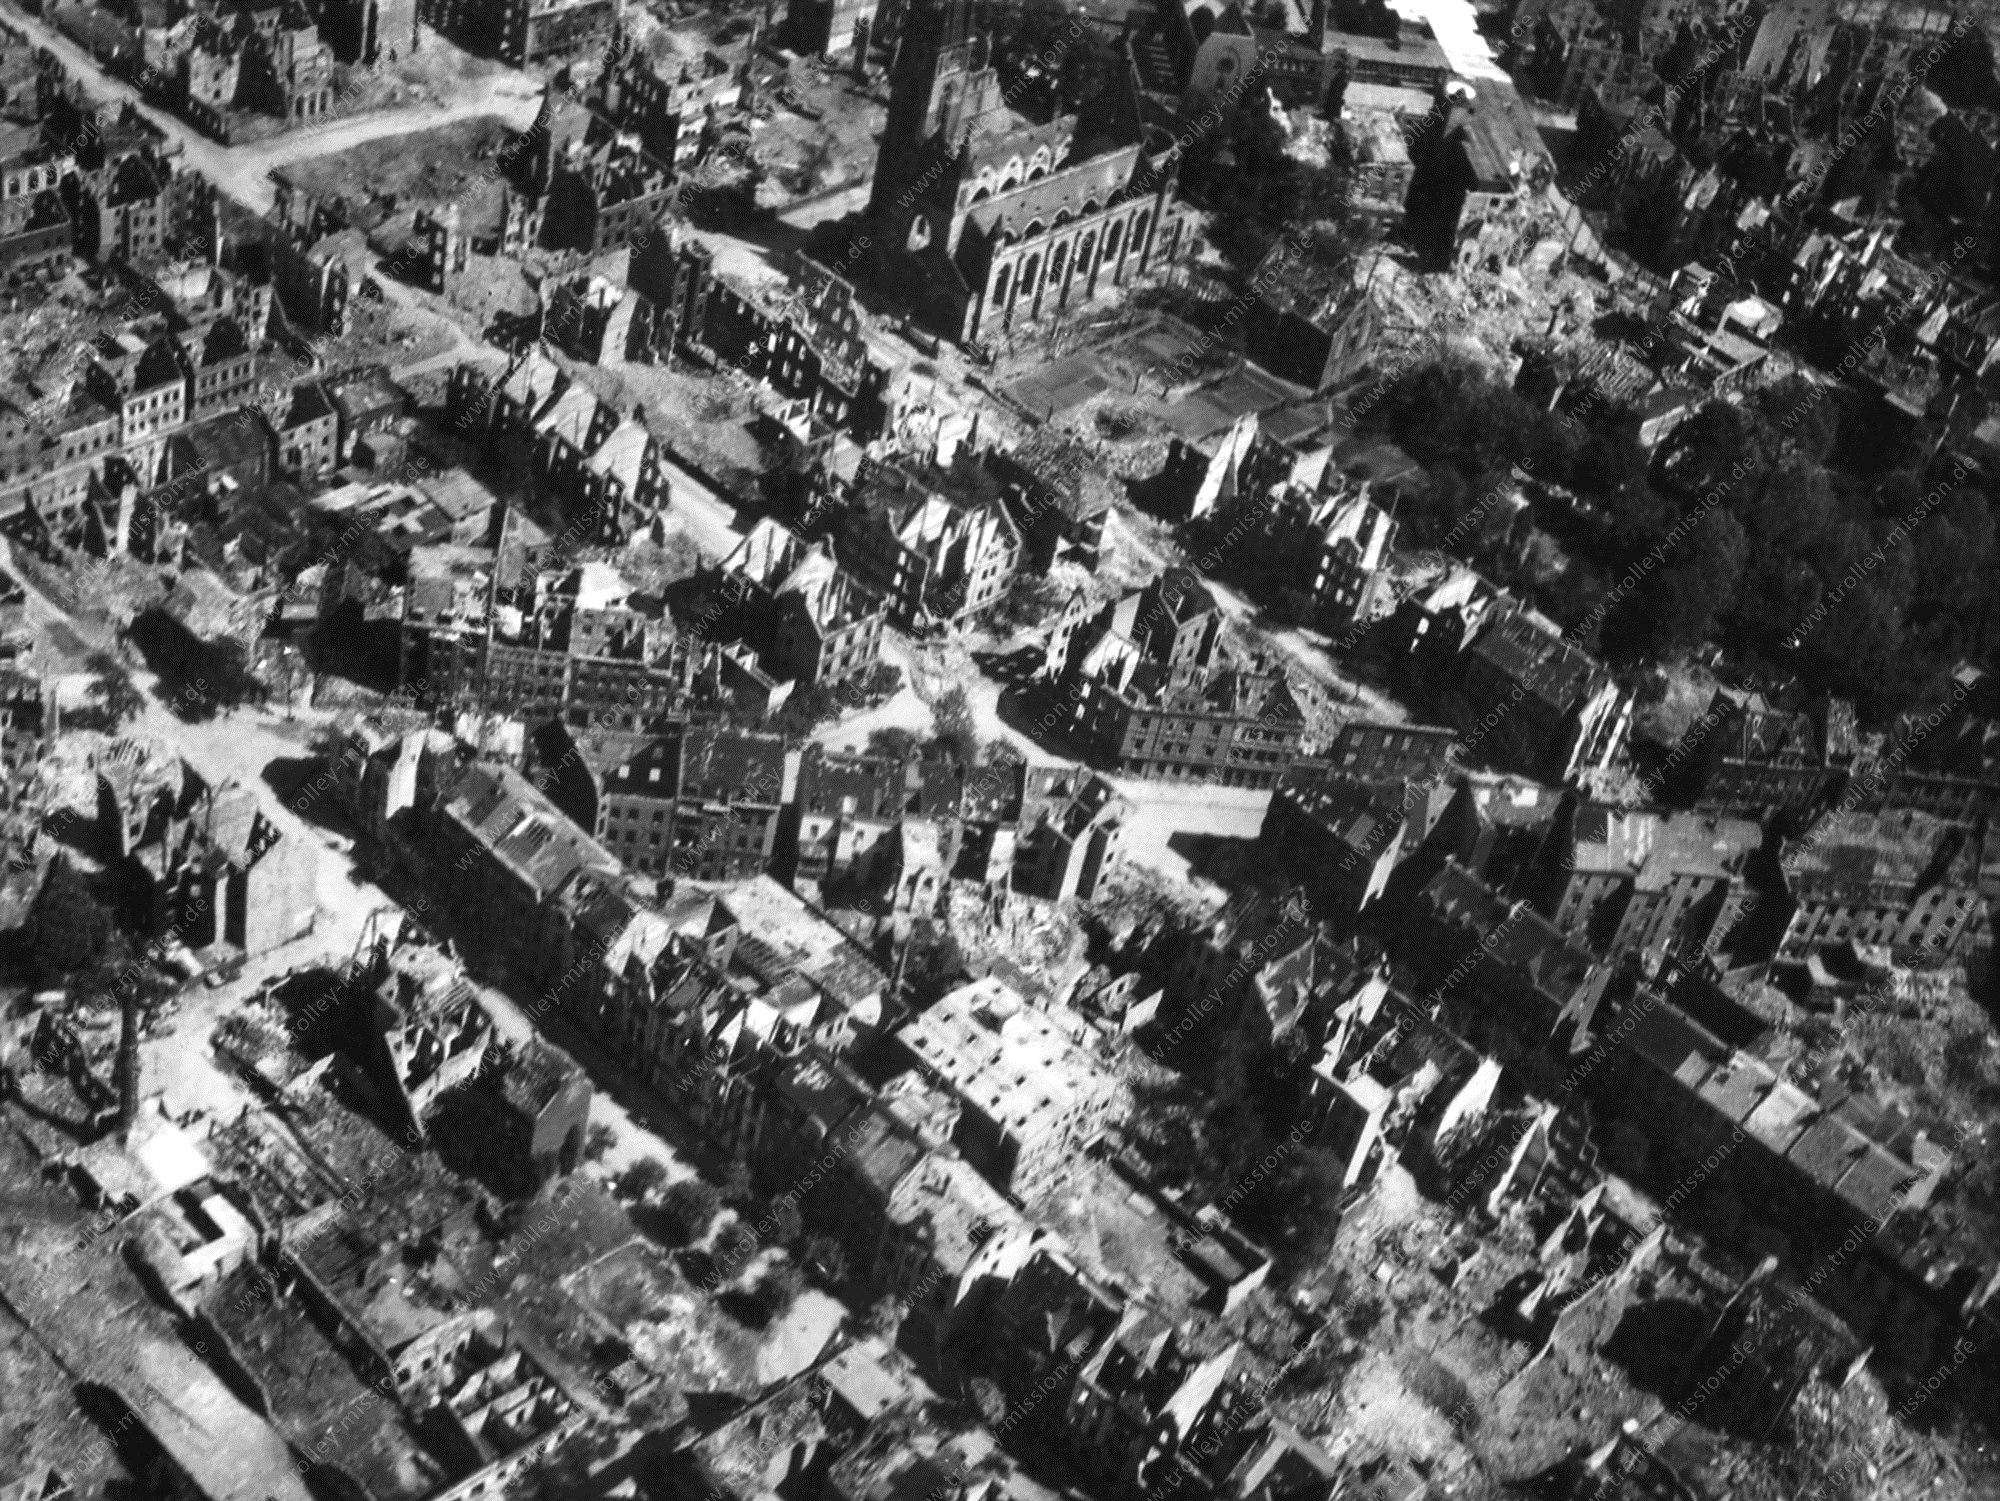 Luftbild der Liebfrauenkirche in der Amalienstraße in Dortmund aus dem Mai 1945 nach den Fliegerbomben